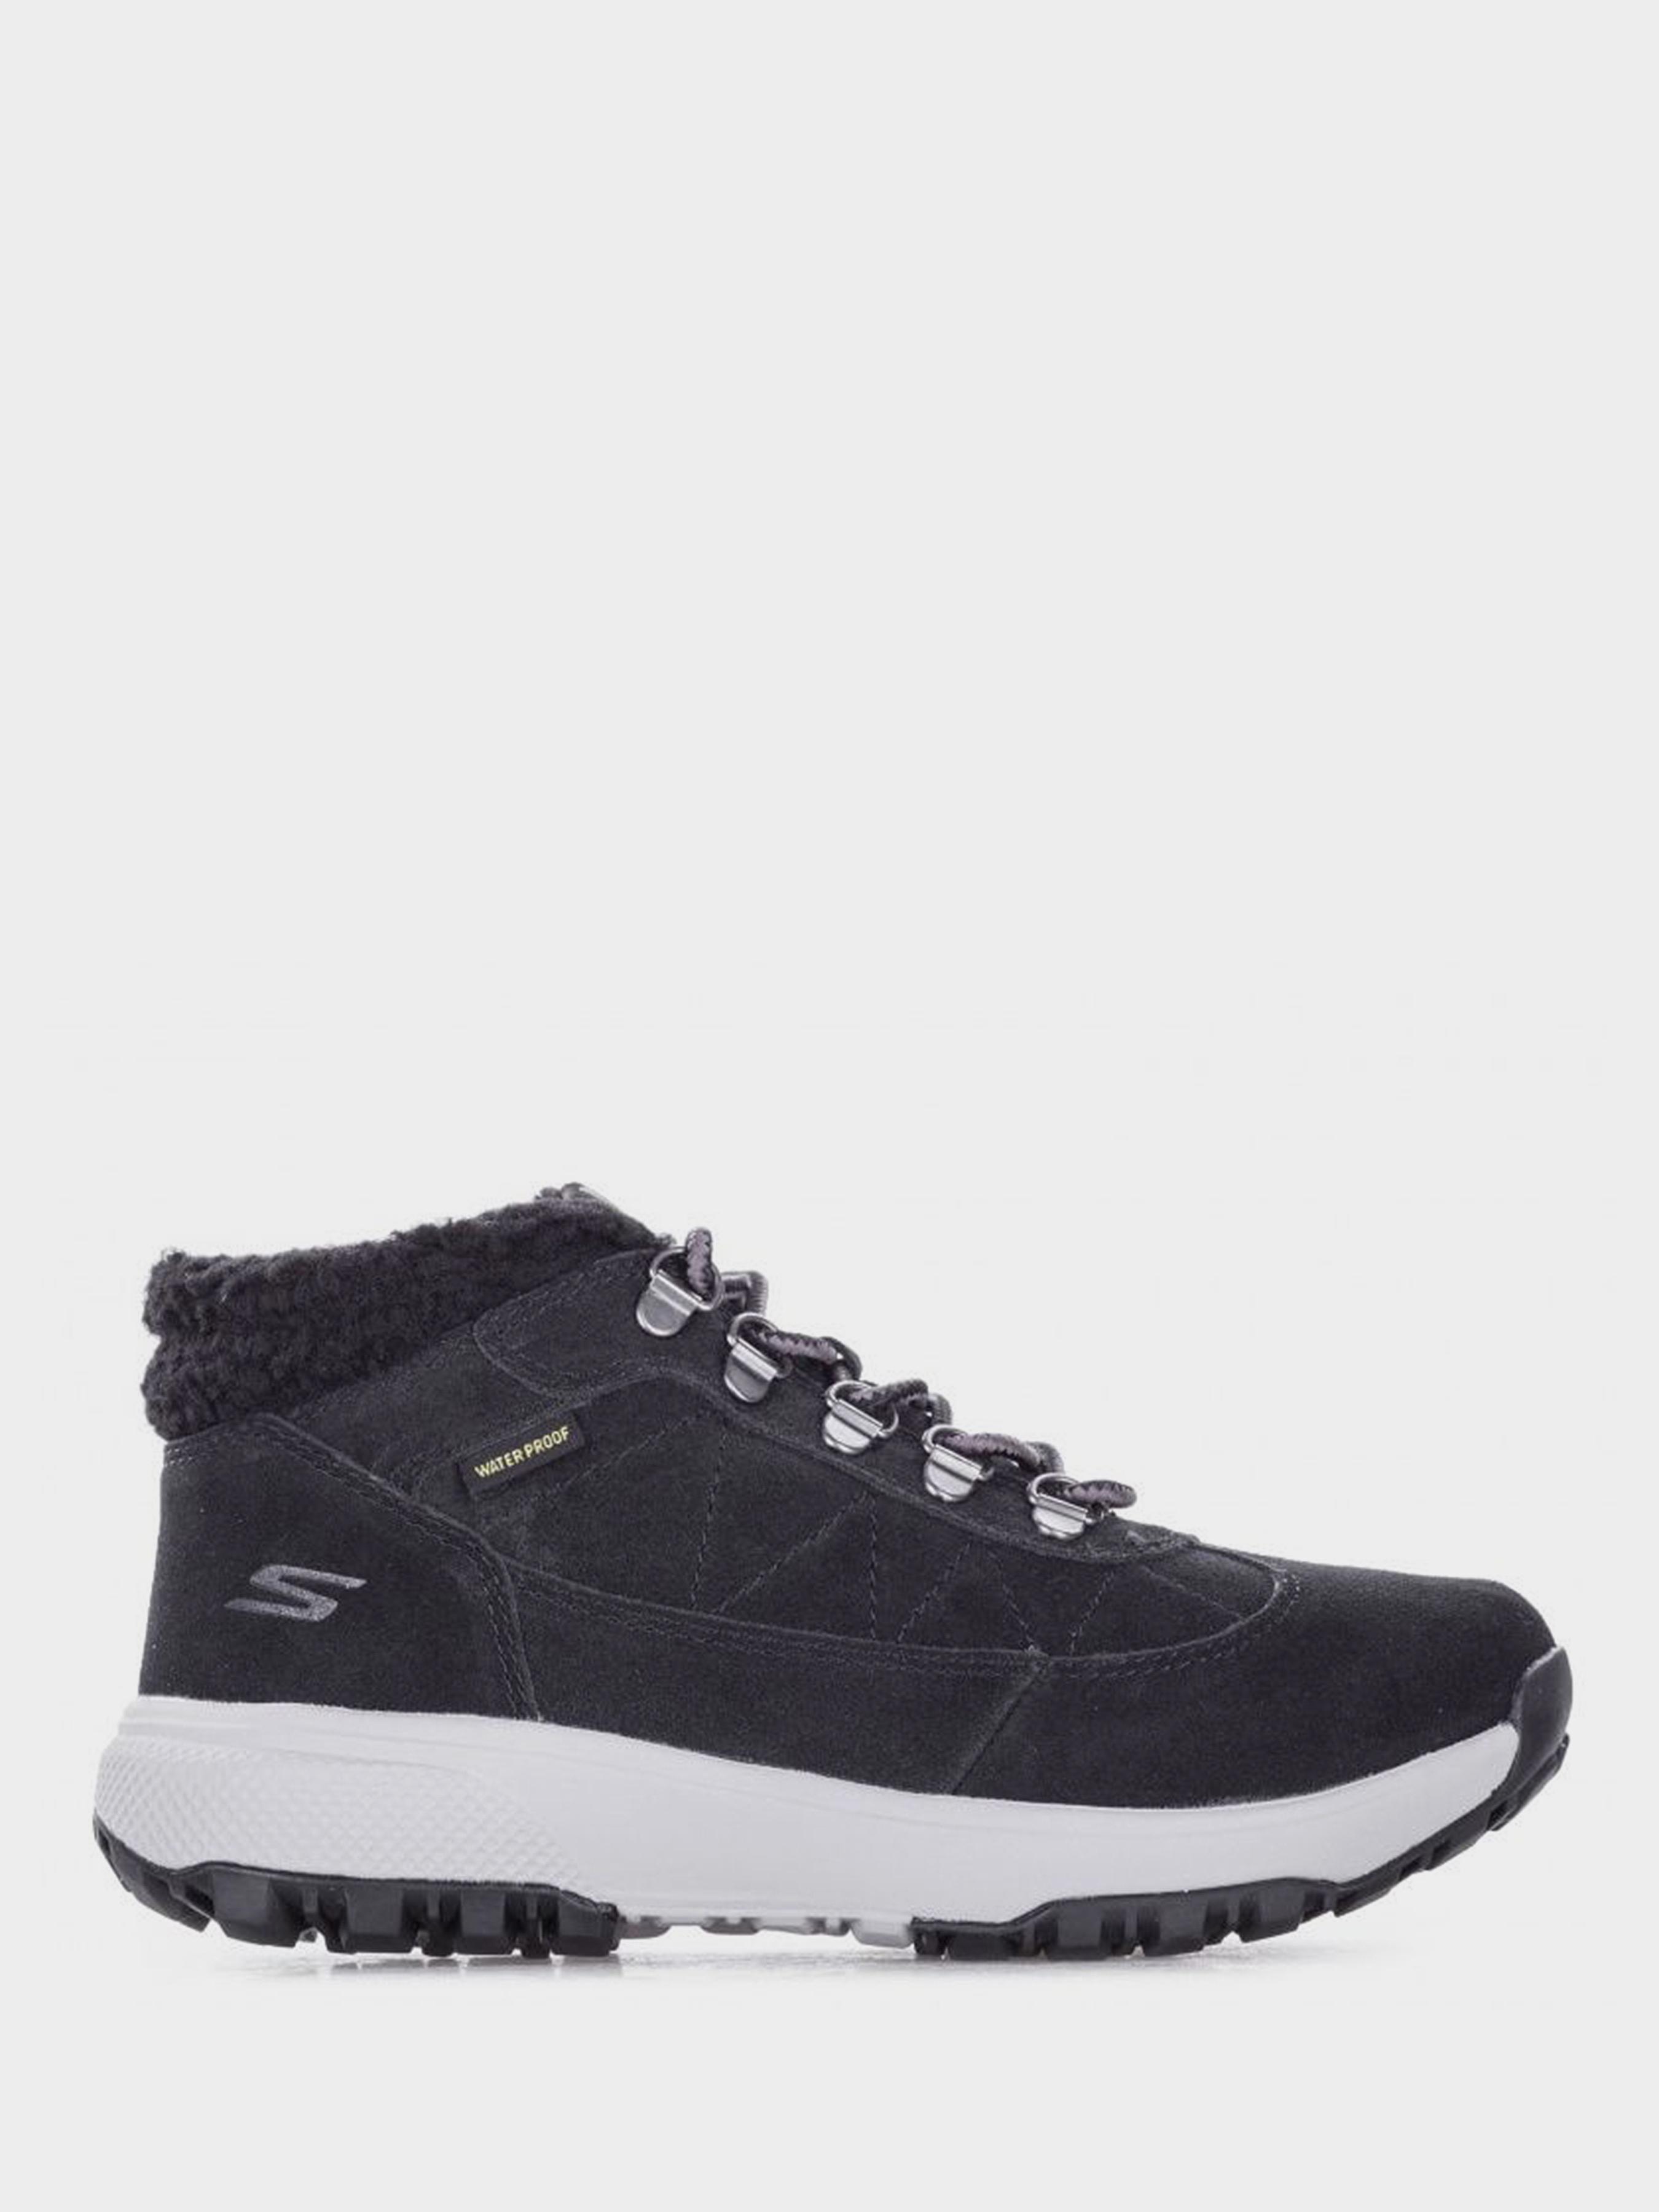 Купить Ботинки для женщин Skechers KW4665, Черный